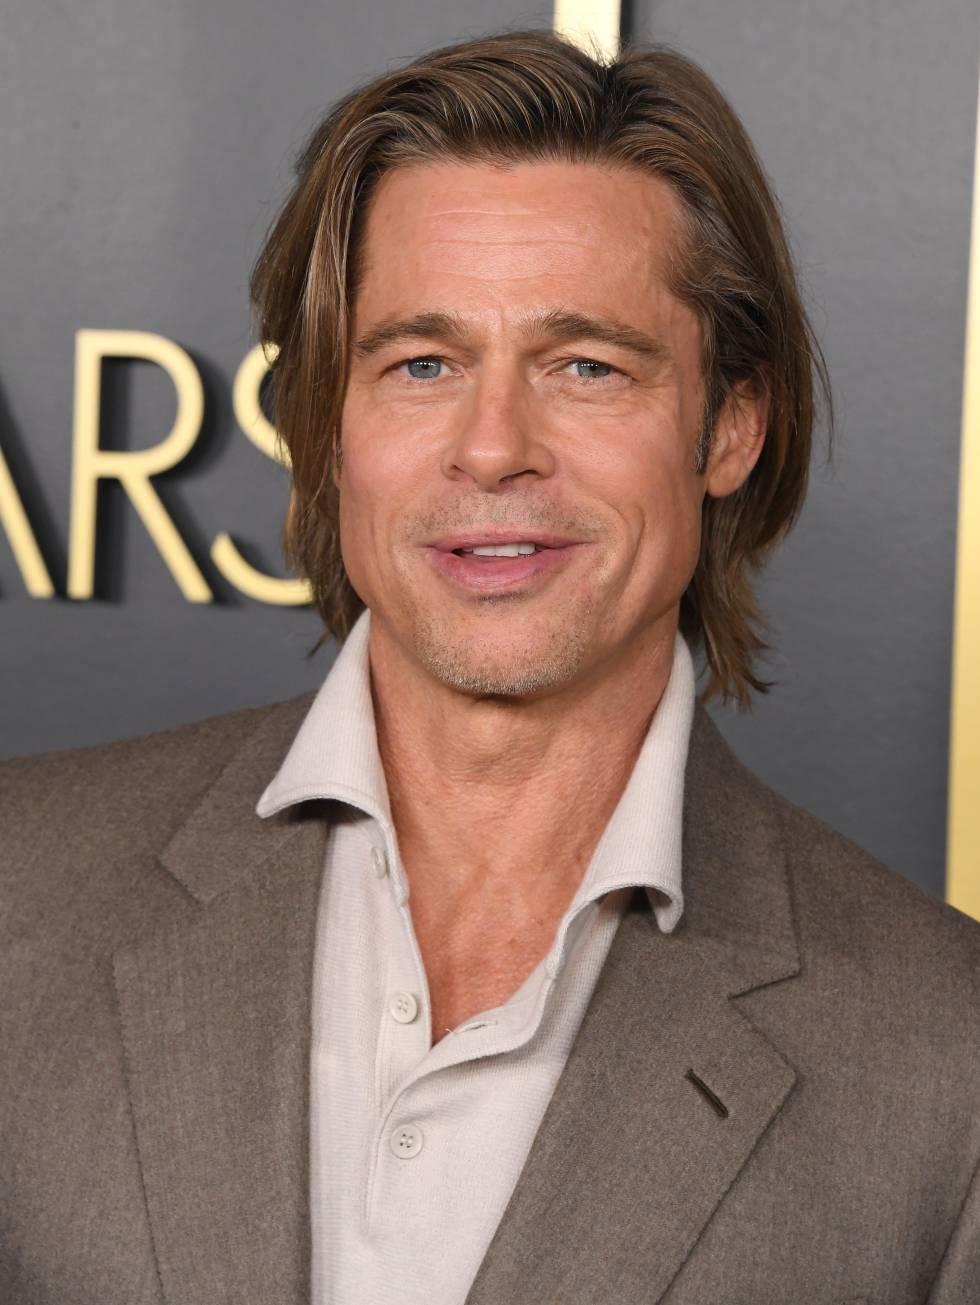 Uno de los puntos claves del 'look' de Brad Pitt es su media melena desenfadada y esos primeros planos que soporta mejor que cualquier actor de veinte años.